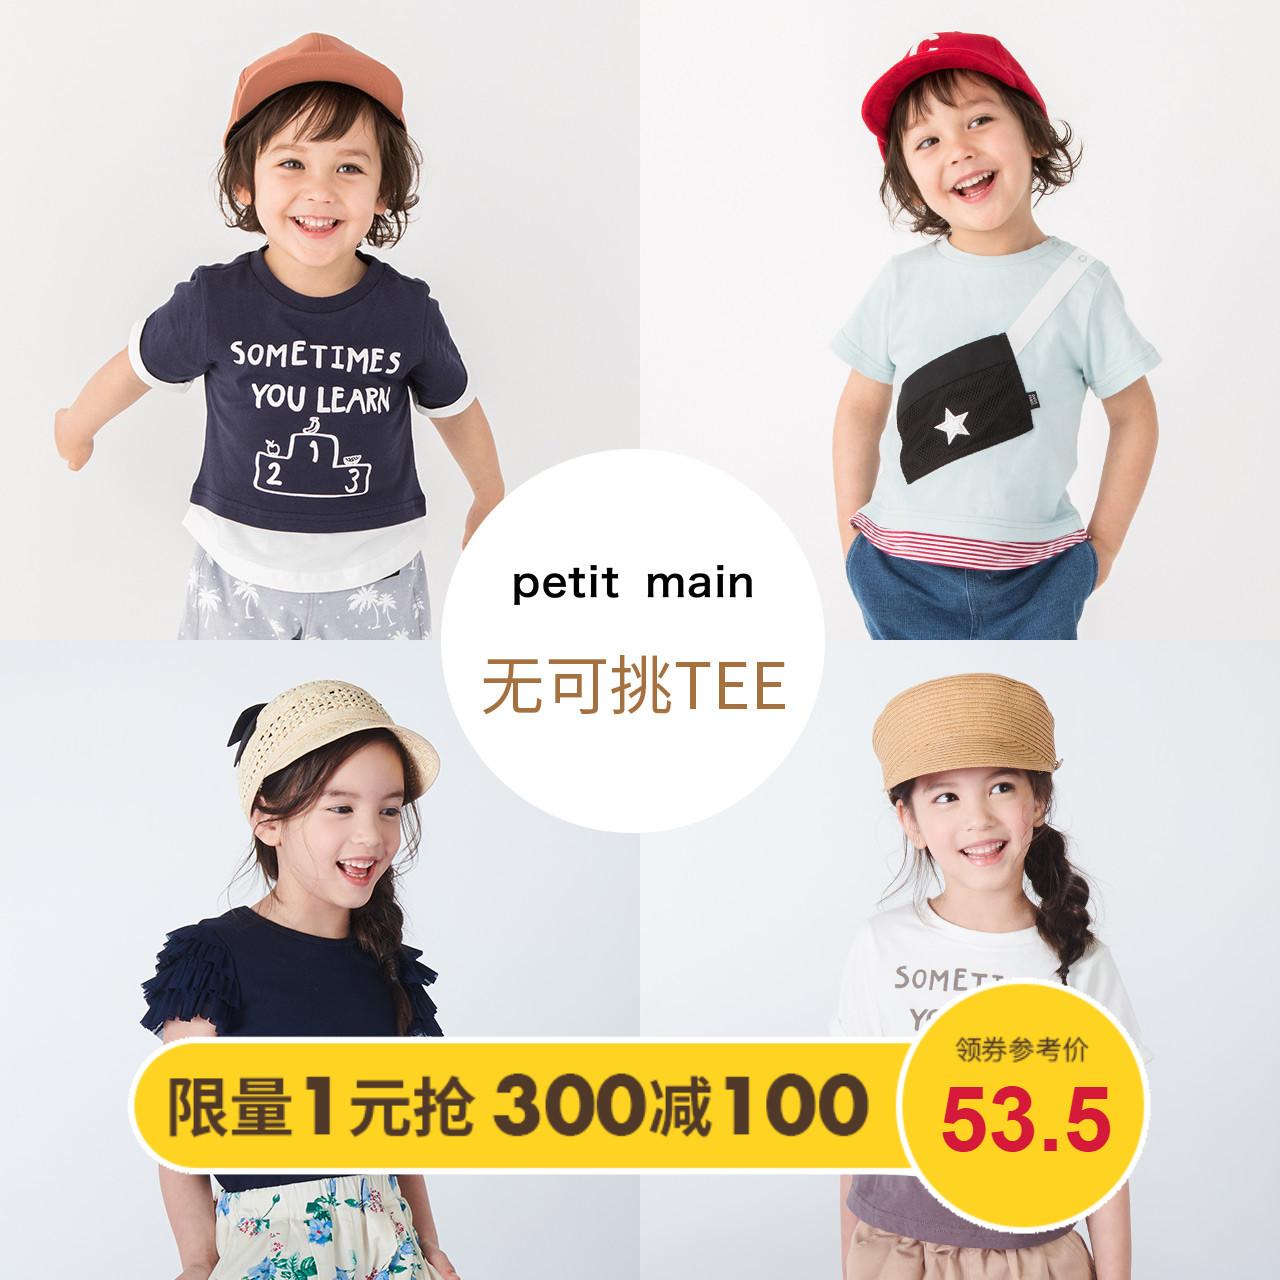 petitmain兄妹男女童上衣T恤2019夏季儿童半袖宝宝童装T恤短袖装